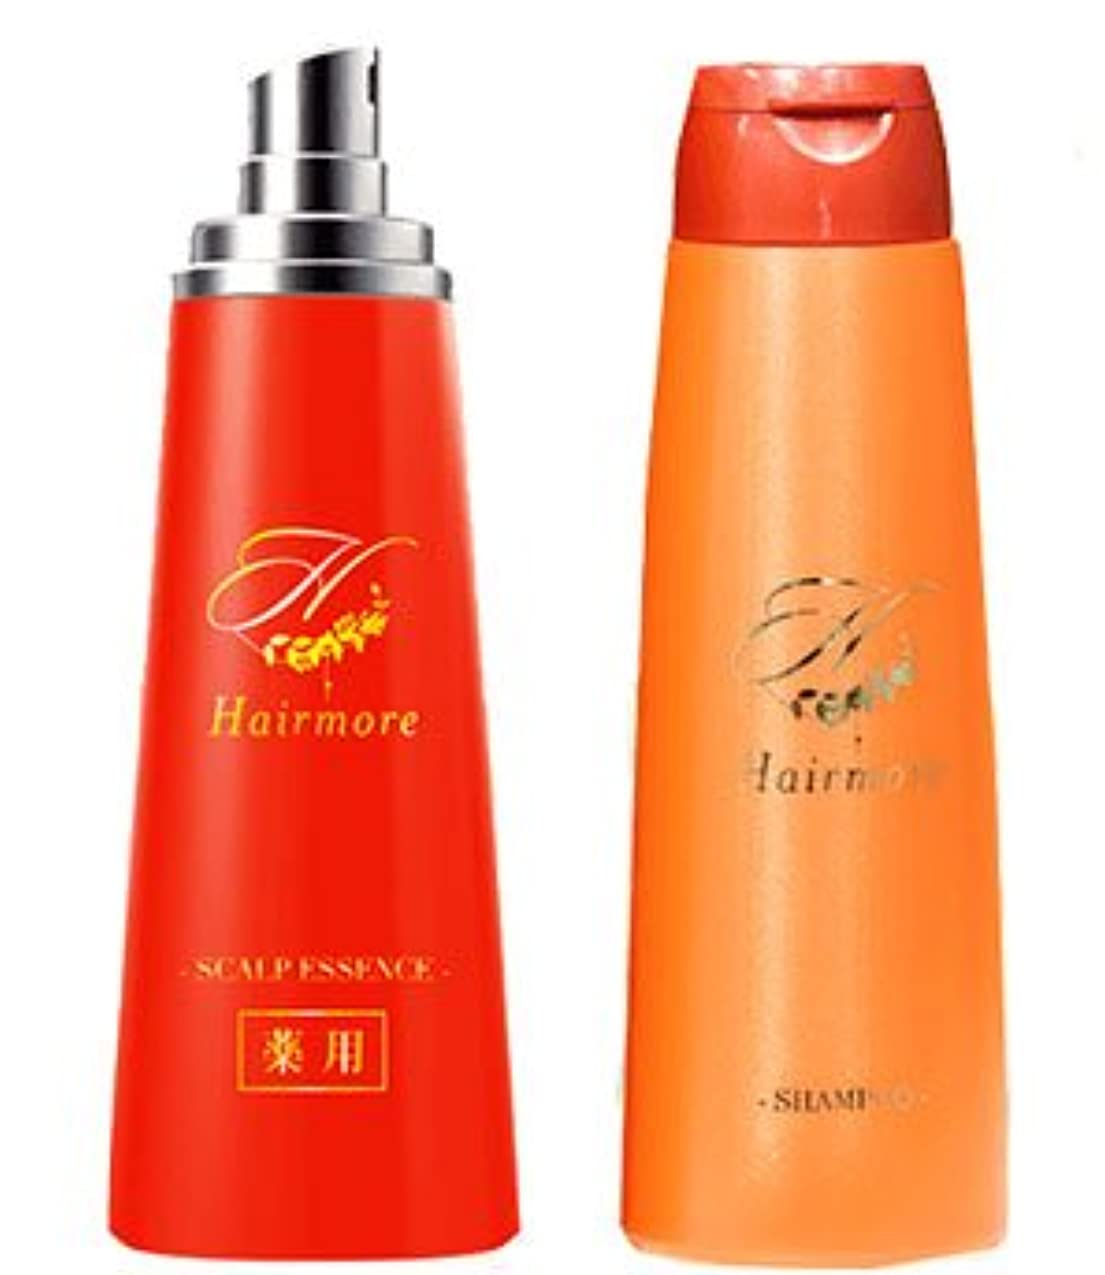 教える検出可能エクスタシー【ヘアケアセット】薬用ヘアモア(Hairmore)スカルプケアエッセンス×スカルプシャンプーセット